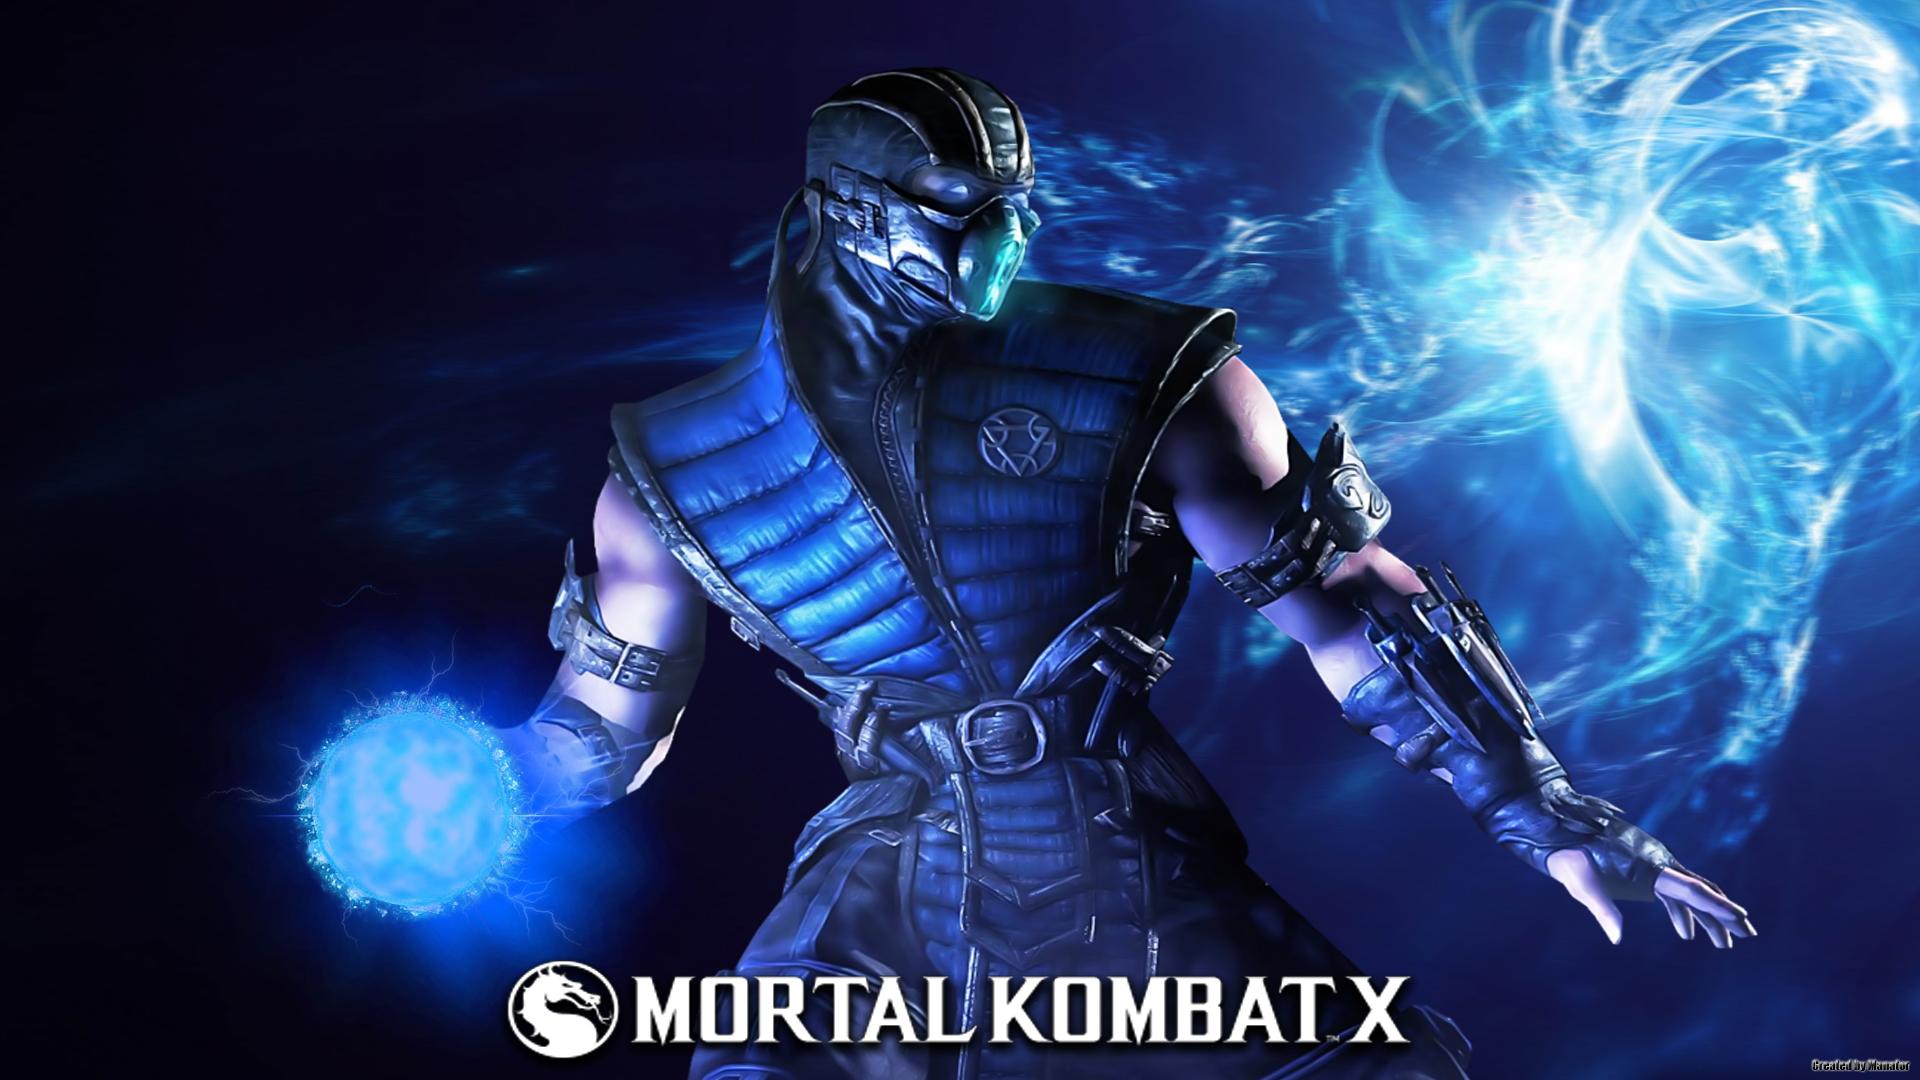 Increíble Mortal Combat X Wallpaper alta definición